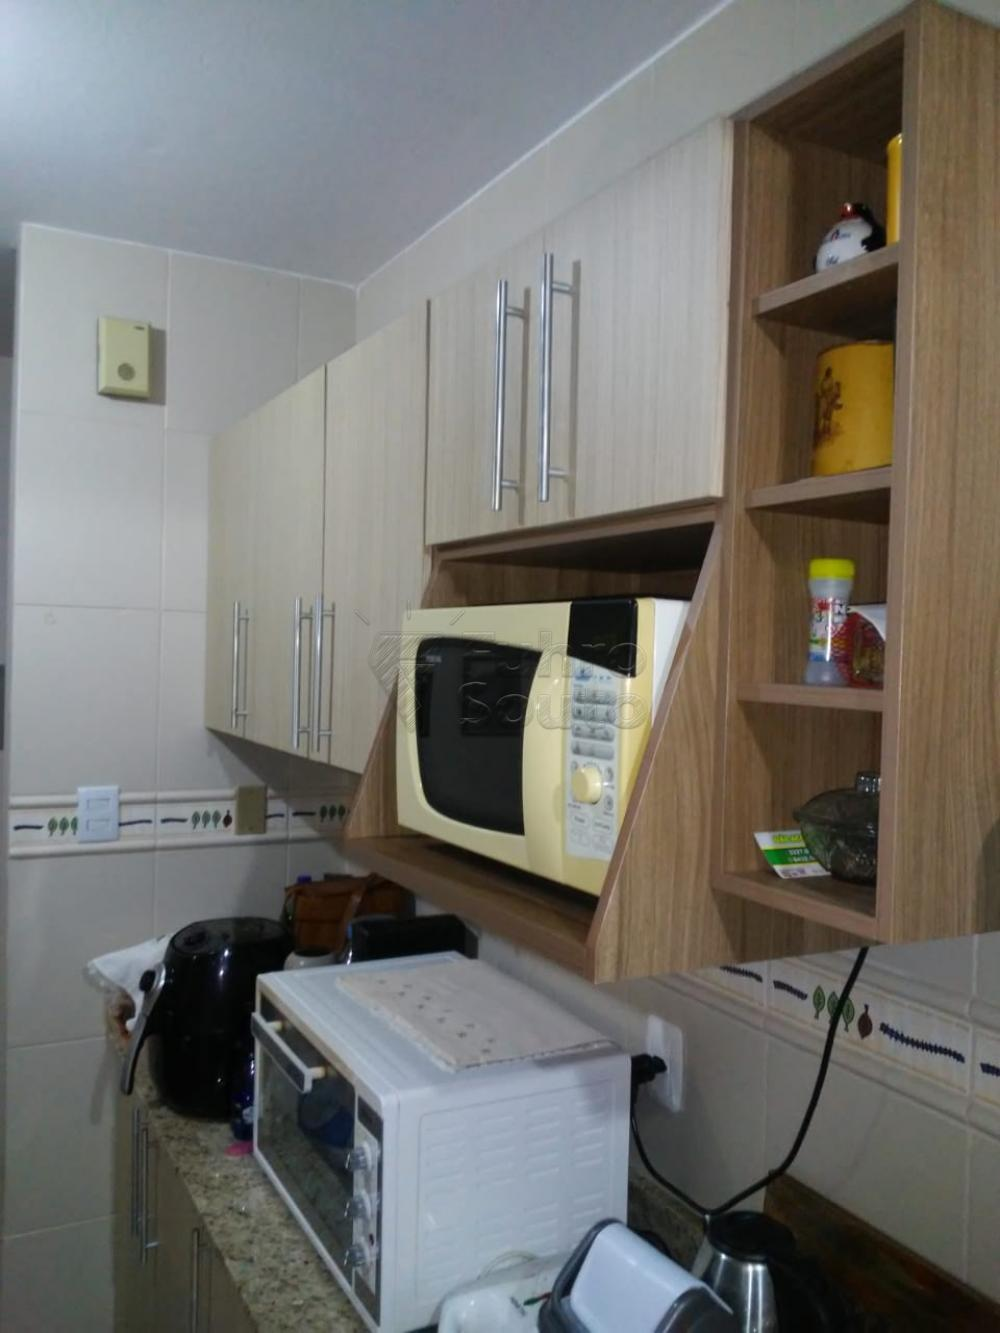 Comprar Apartamento / Padrão em Pelotas R$ 308.000,00 - Foto 7